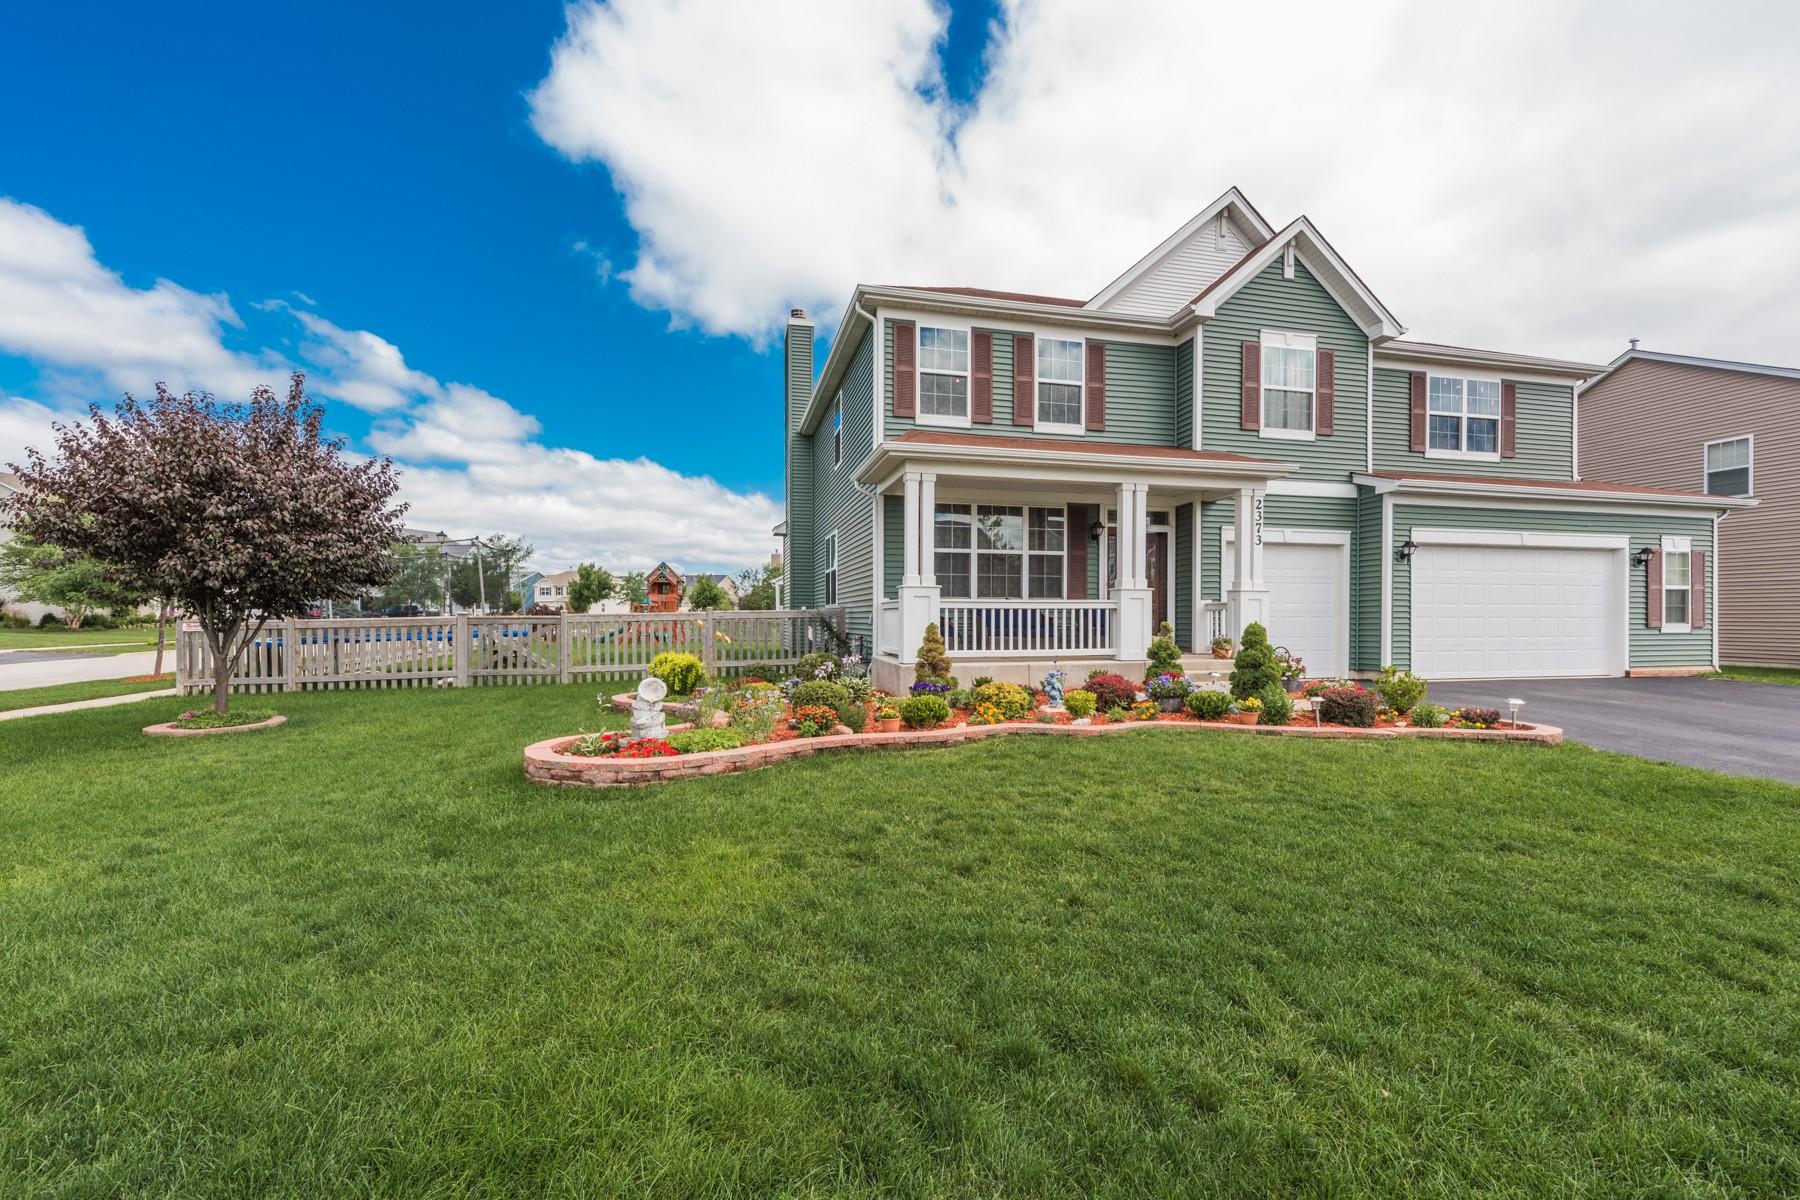 Tek Ailelik Ev için Satış at Perfection! 2373 Heron Lane, Wauconda, Illinois, 60084 Amerika Birleşik Devletleri